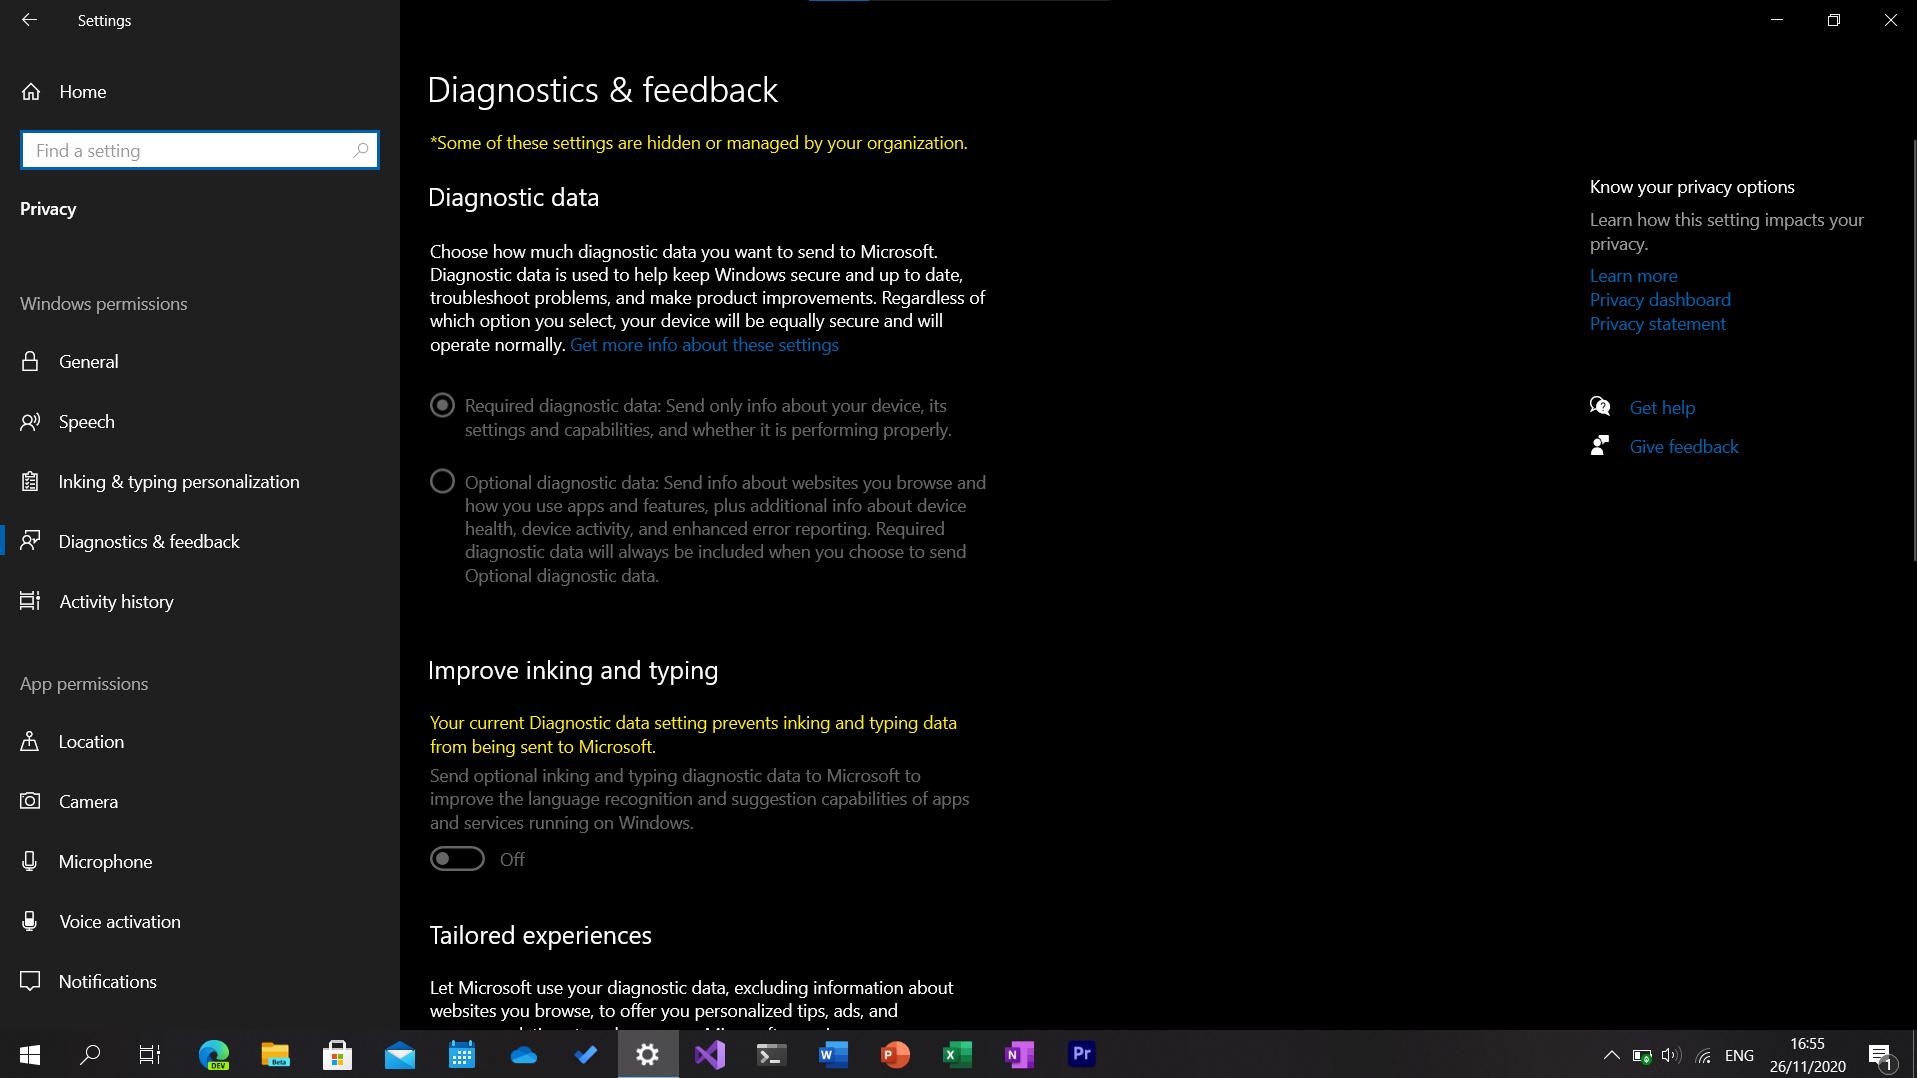 Not able to join Windows Insider program, settings hidden 7e8ecc10-2f87-49ef-9082-074e63bf55b9?upload=true.png